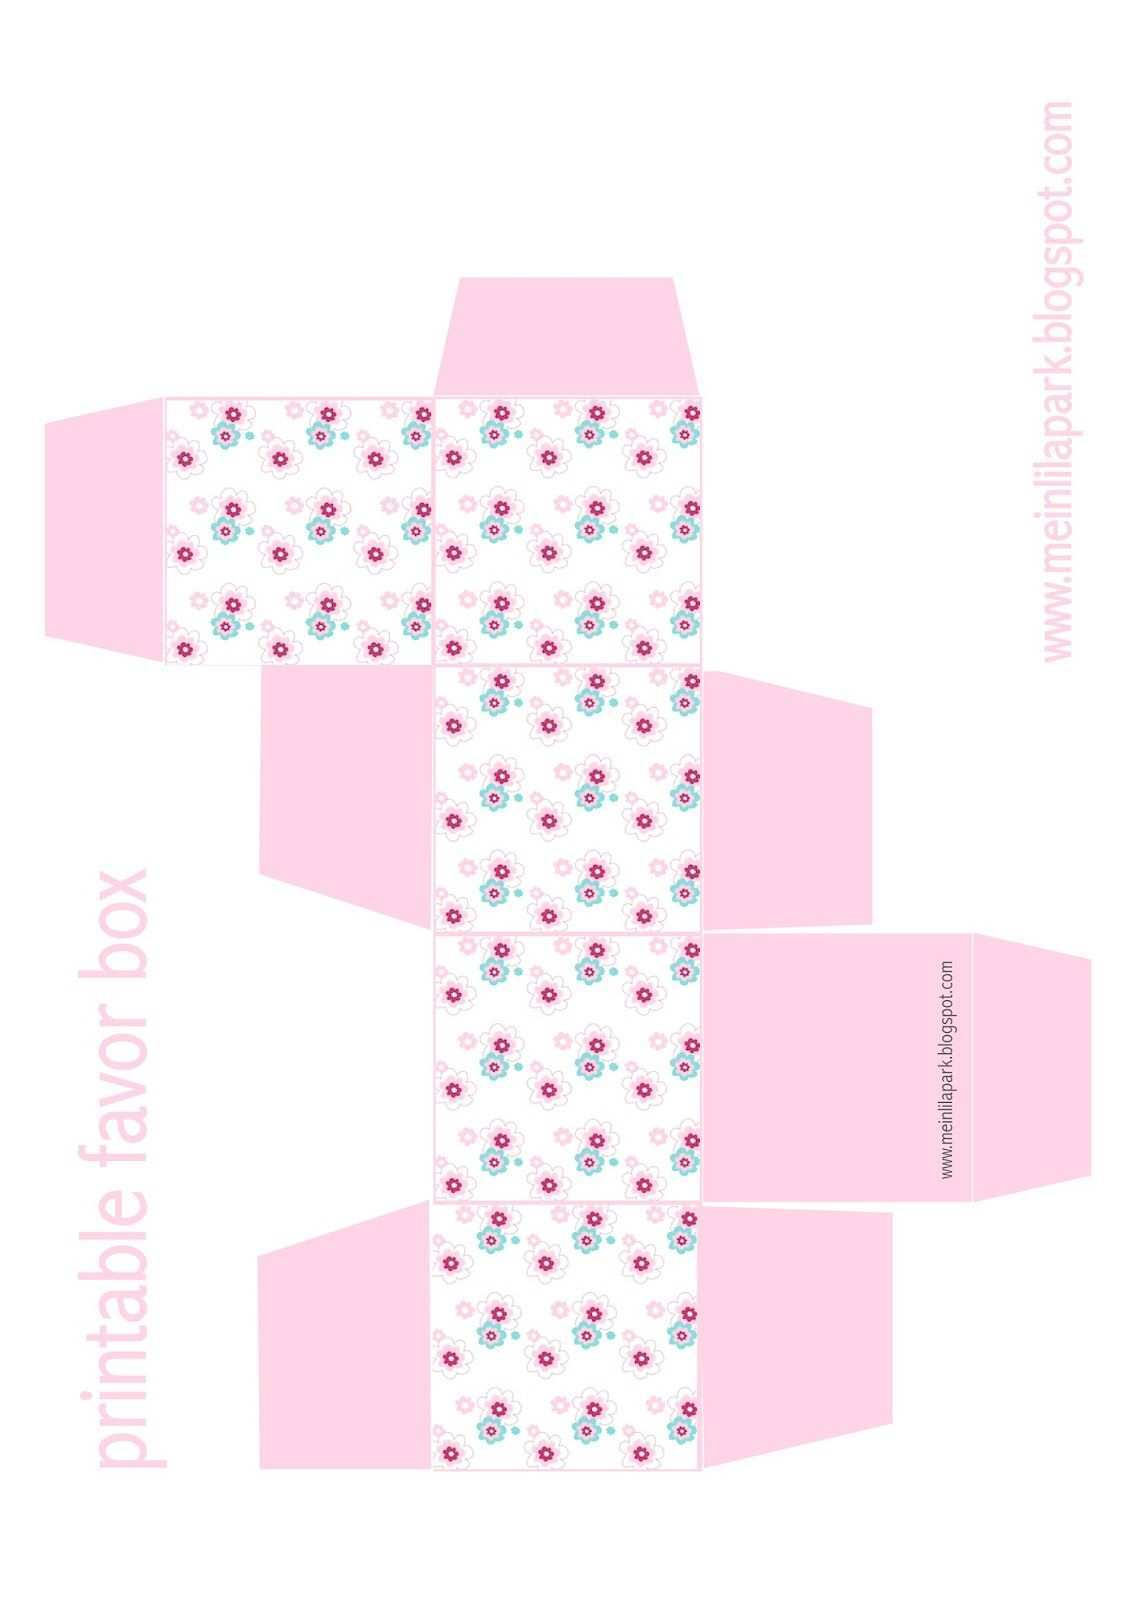 Free Printable Floral Diy Gift Box Ausdruckbare Geschenkbox Freebie Meinlilapark Diy Printables And D Schachtelvorlage Geschenkbox Aus Papier Geschenke